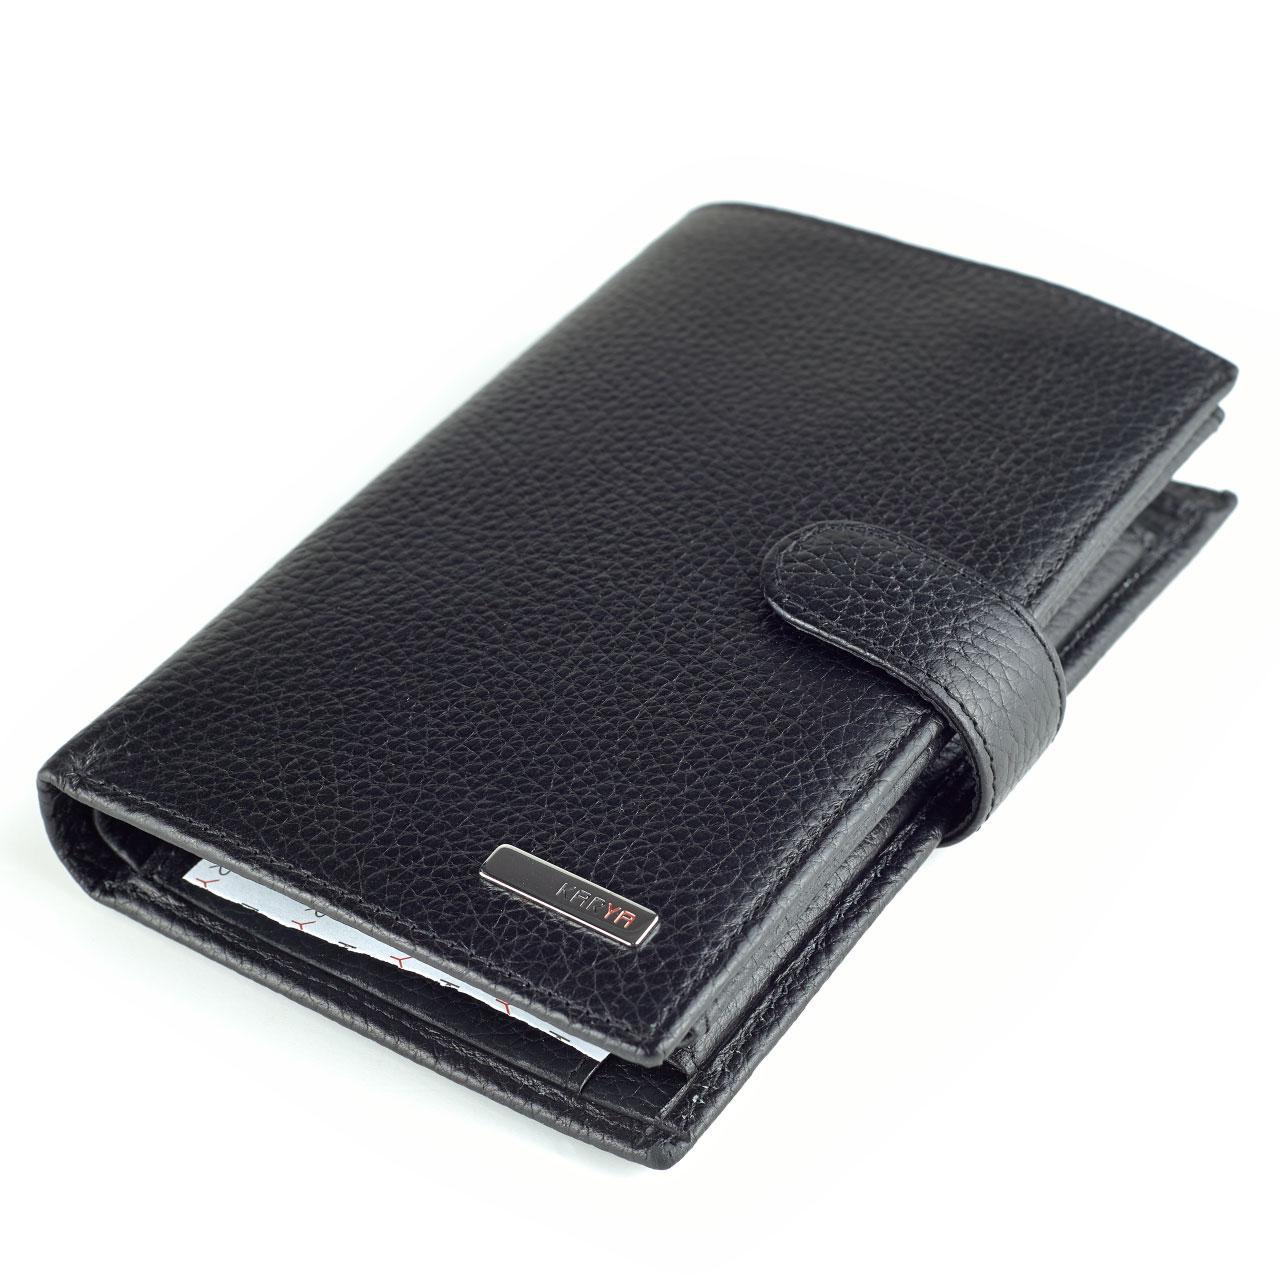 Мужское портмоне Karya 0498-45 с отделением для паспорта кожаное черное